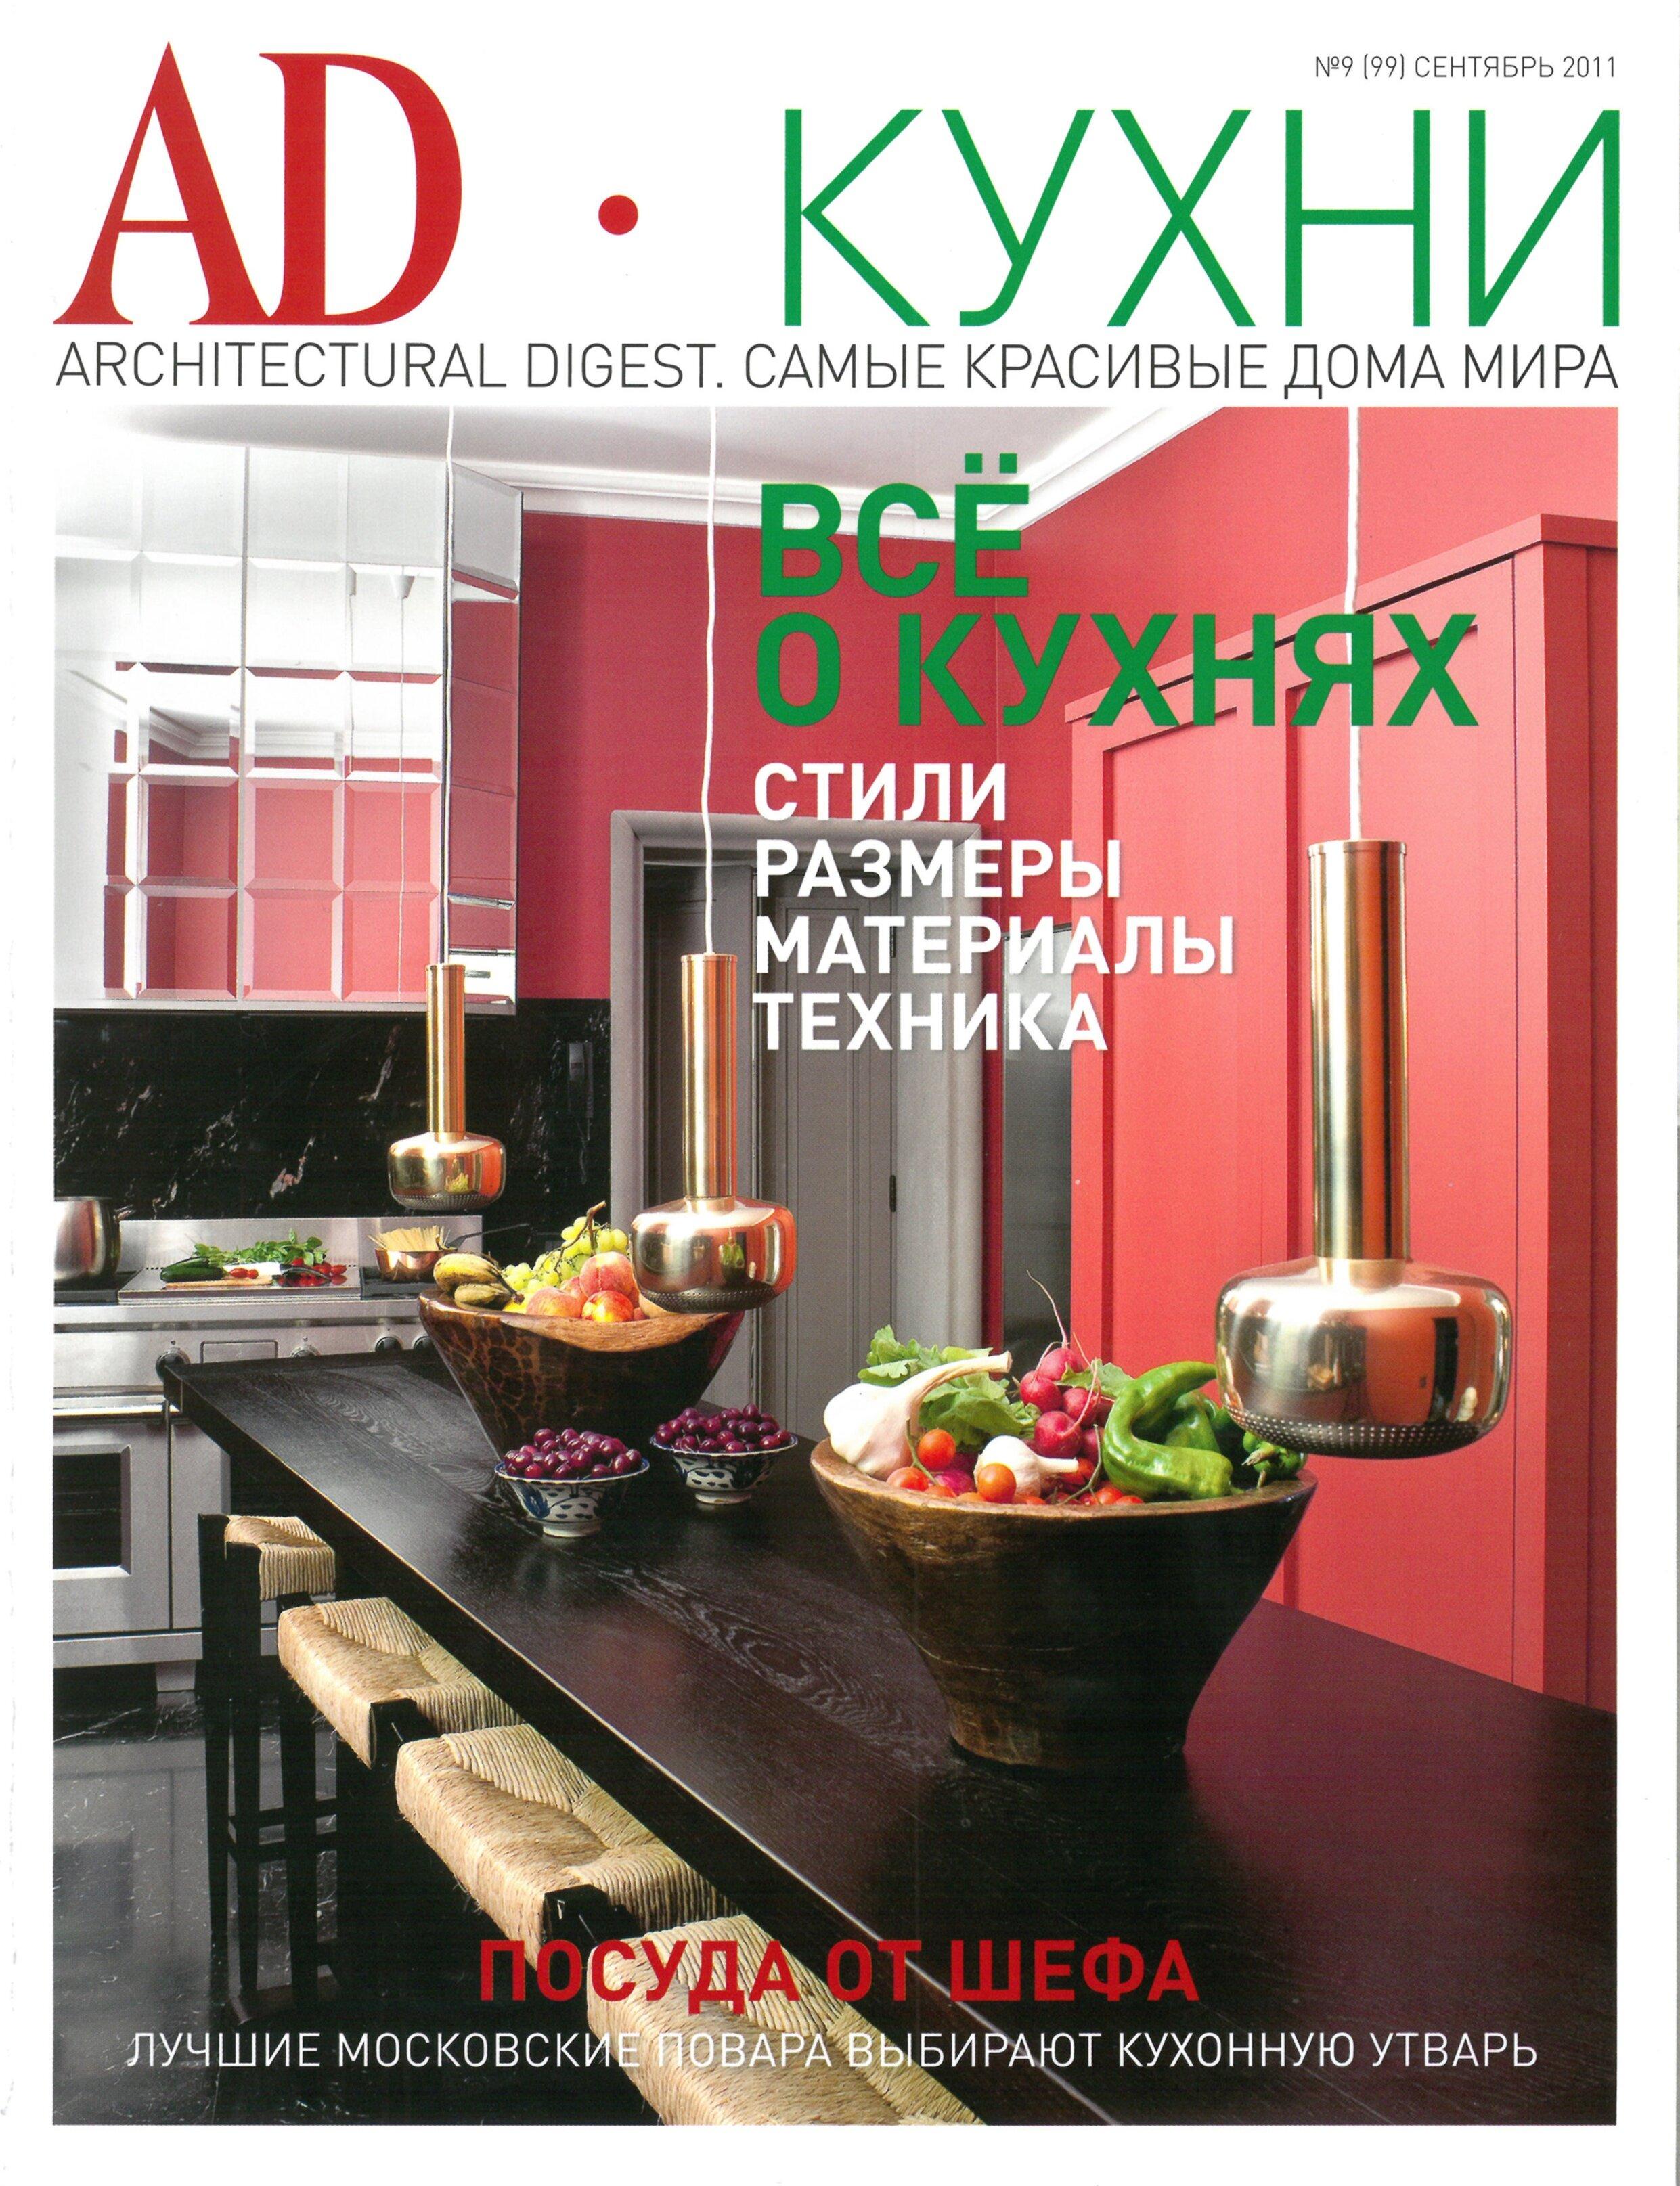 AD-Cityloft-2011-Cover.jpg